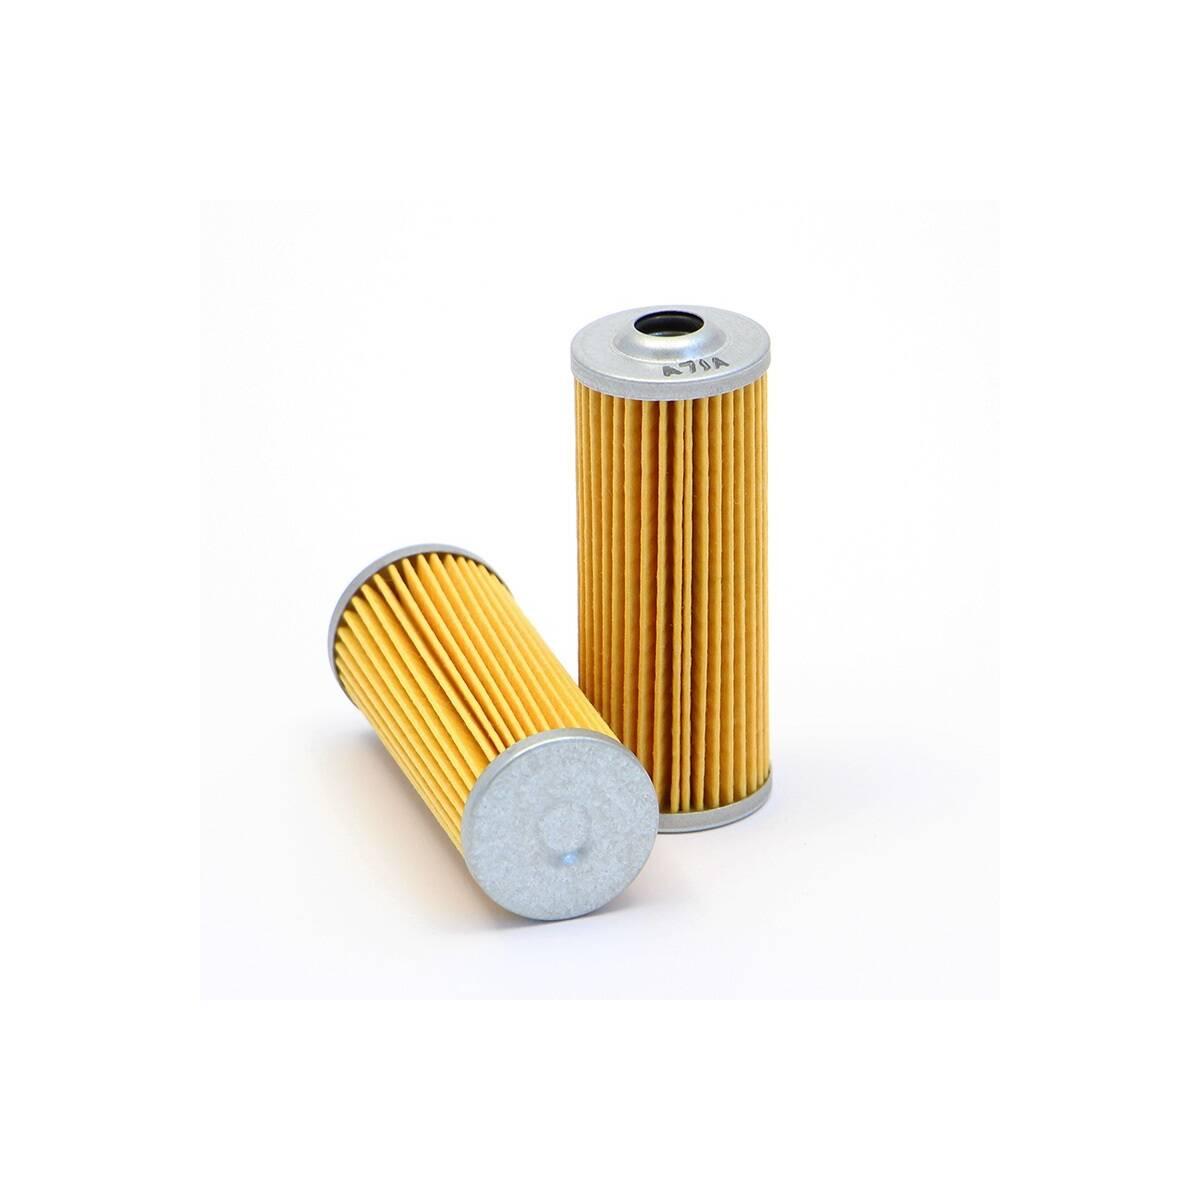 Benzinfilter Filter passend für Husqvarna 40